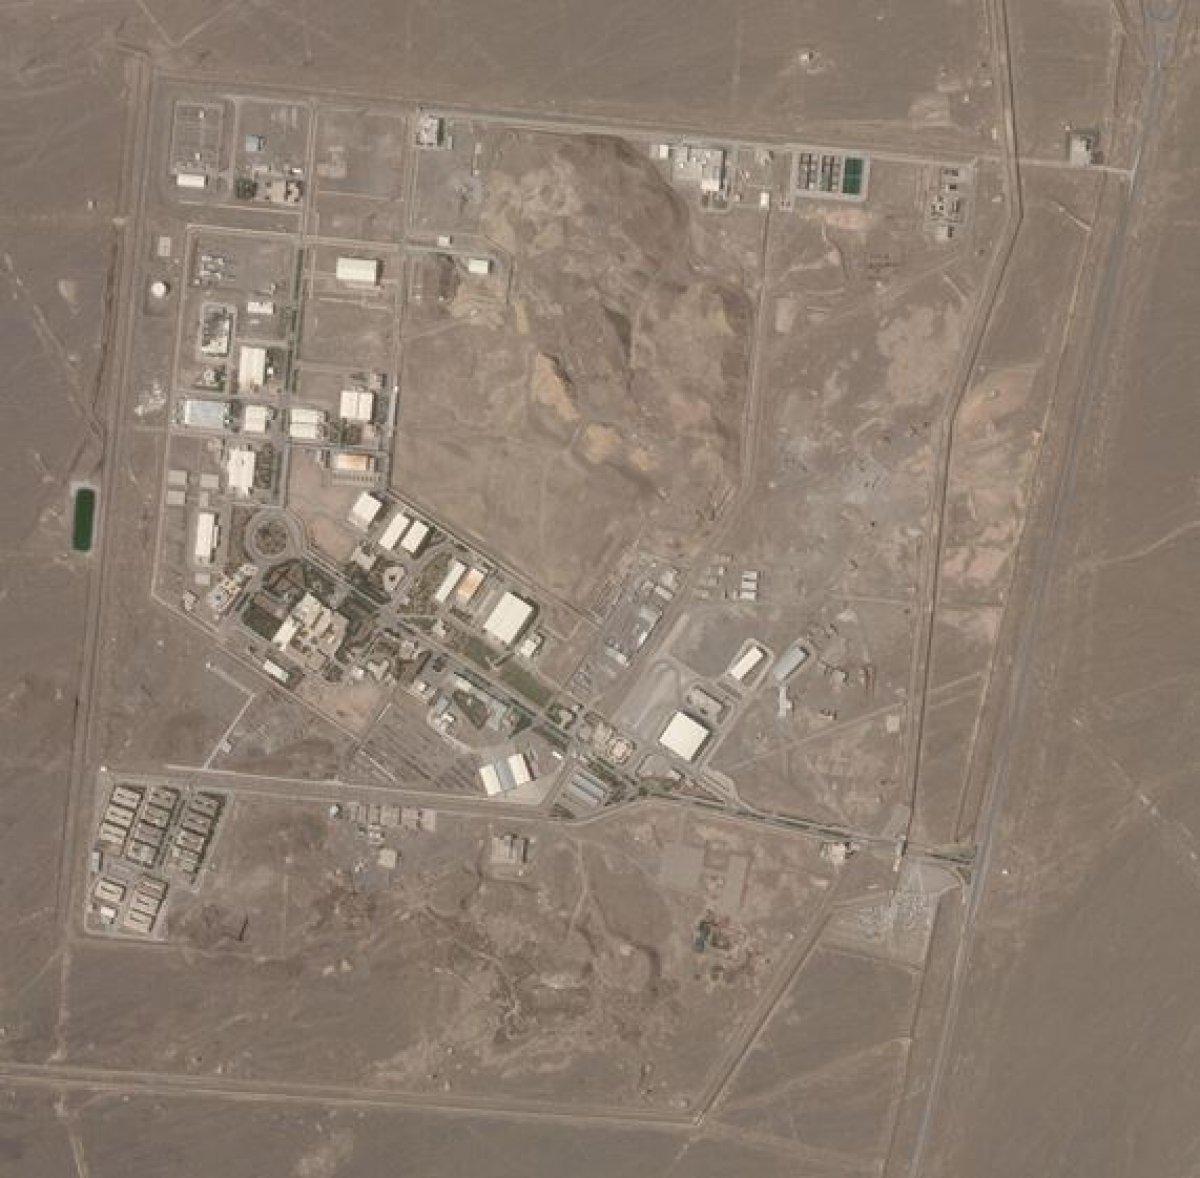 İsrail basını: İran daki nükleer tesis kazasının arkasında Mossad var #3